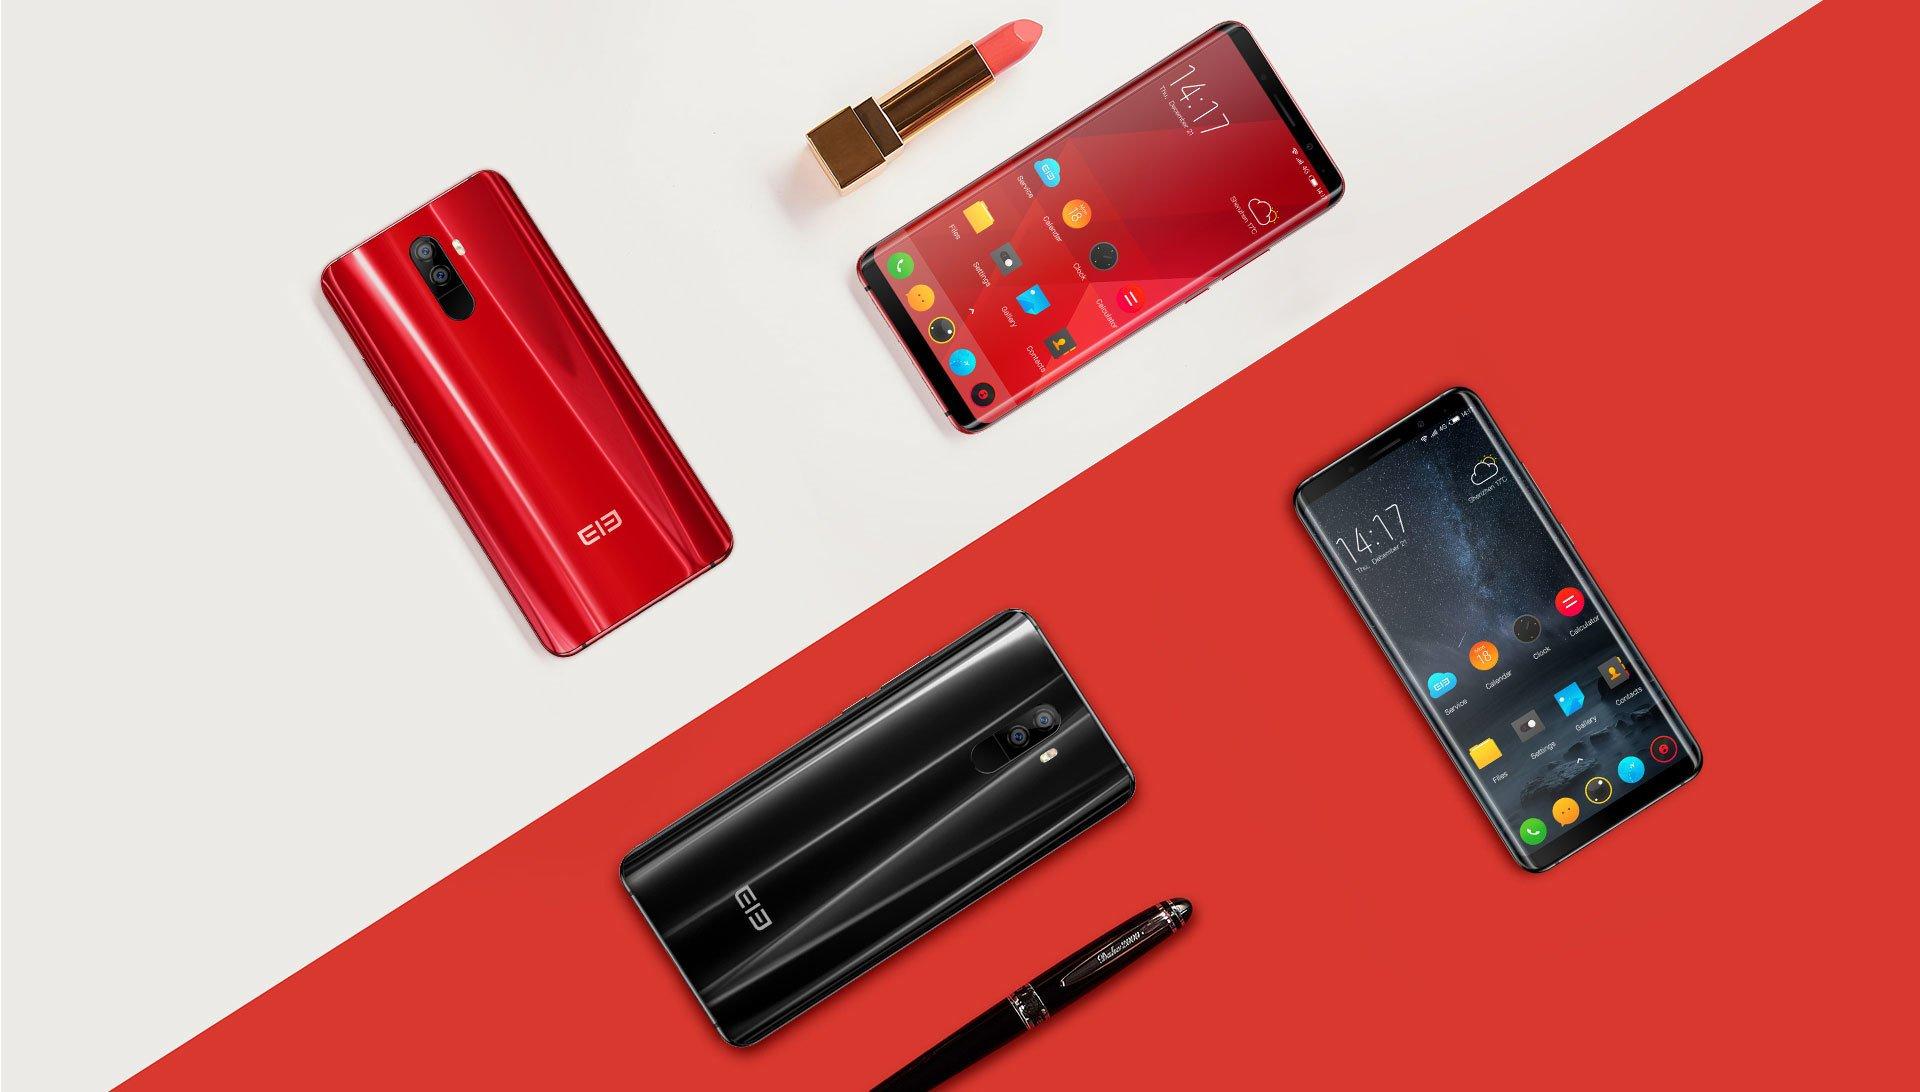 Τα νέα Elephone U διαθέτουν ευέλικτη OLED οθόνη, λαμπερό σχεδιασμό και ισχυρό εσωτερικό 1